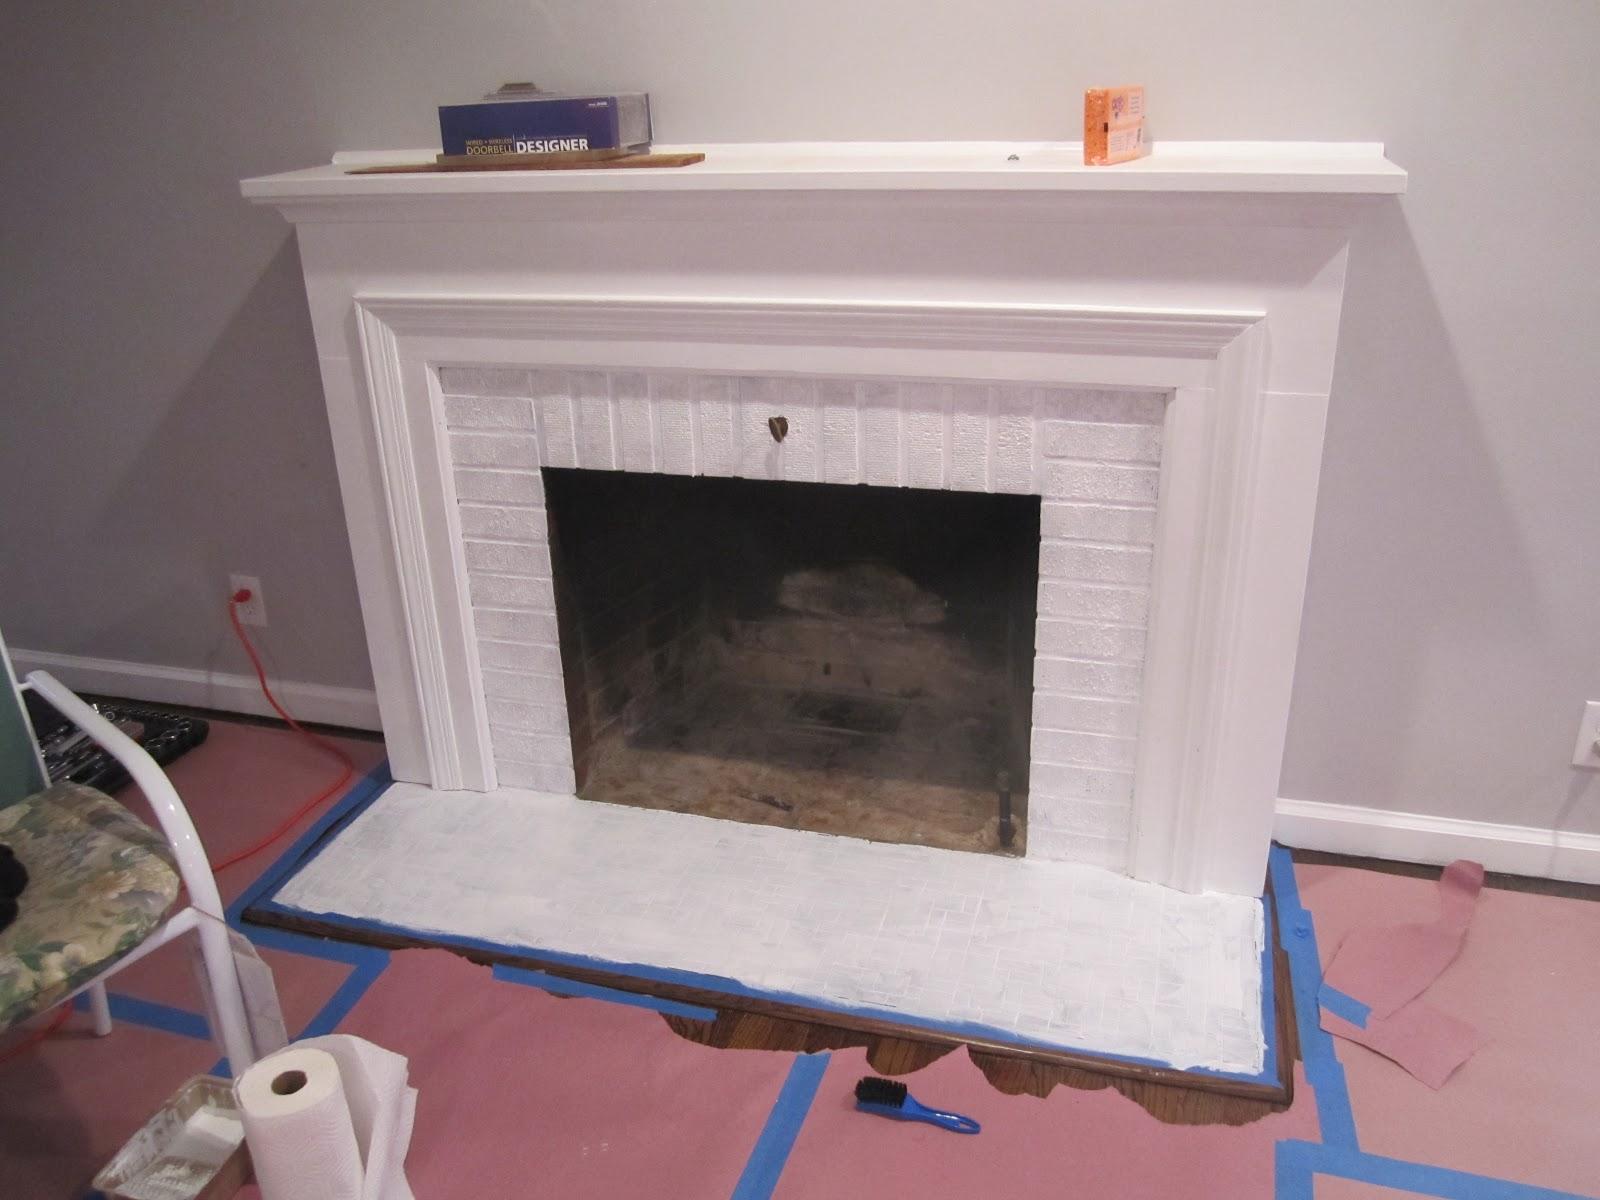 Retro ranch reno freshened up fireplace freshened up fireplace dailygadgetfo Images